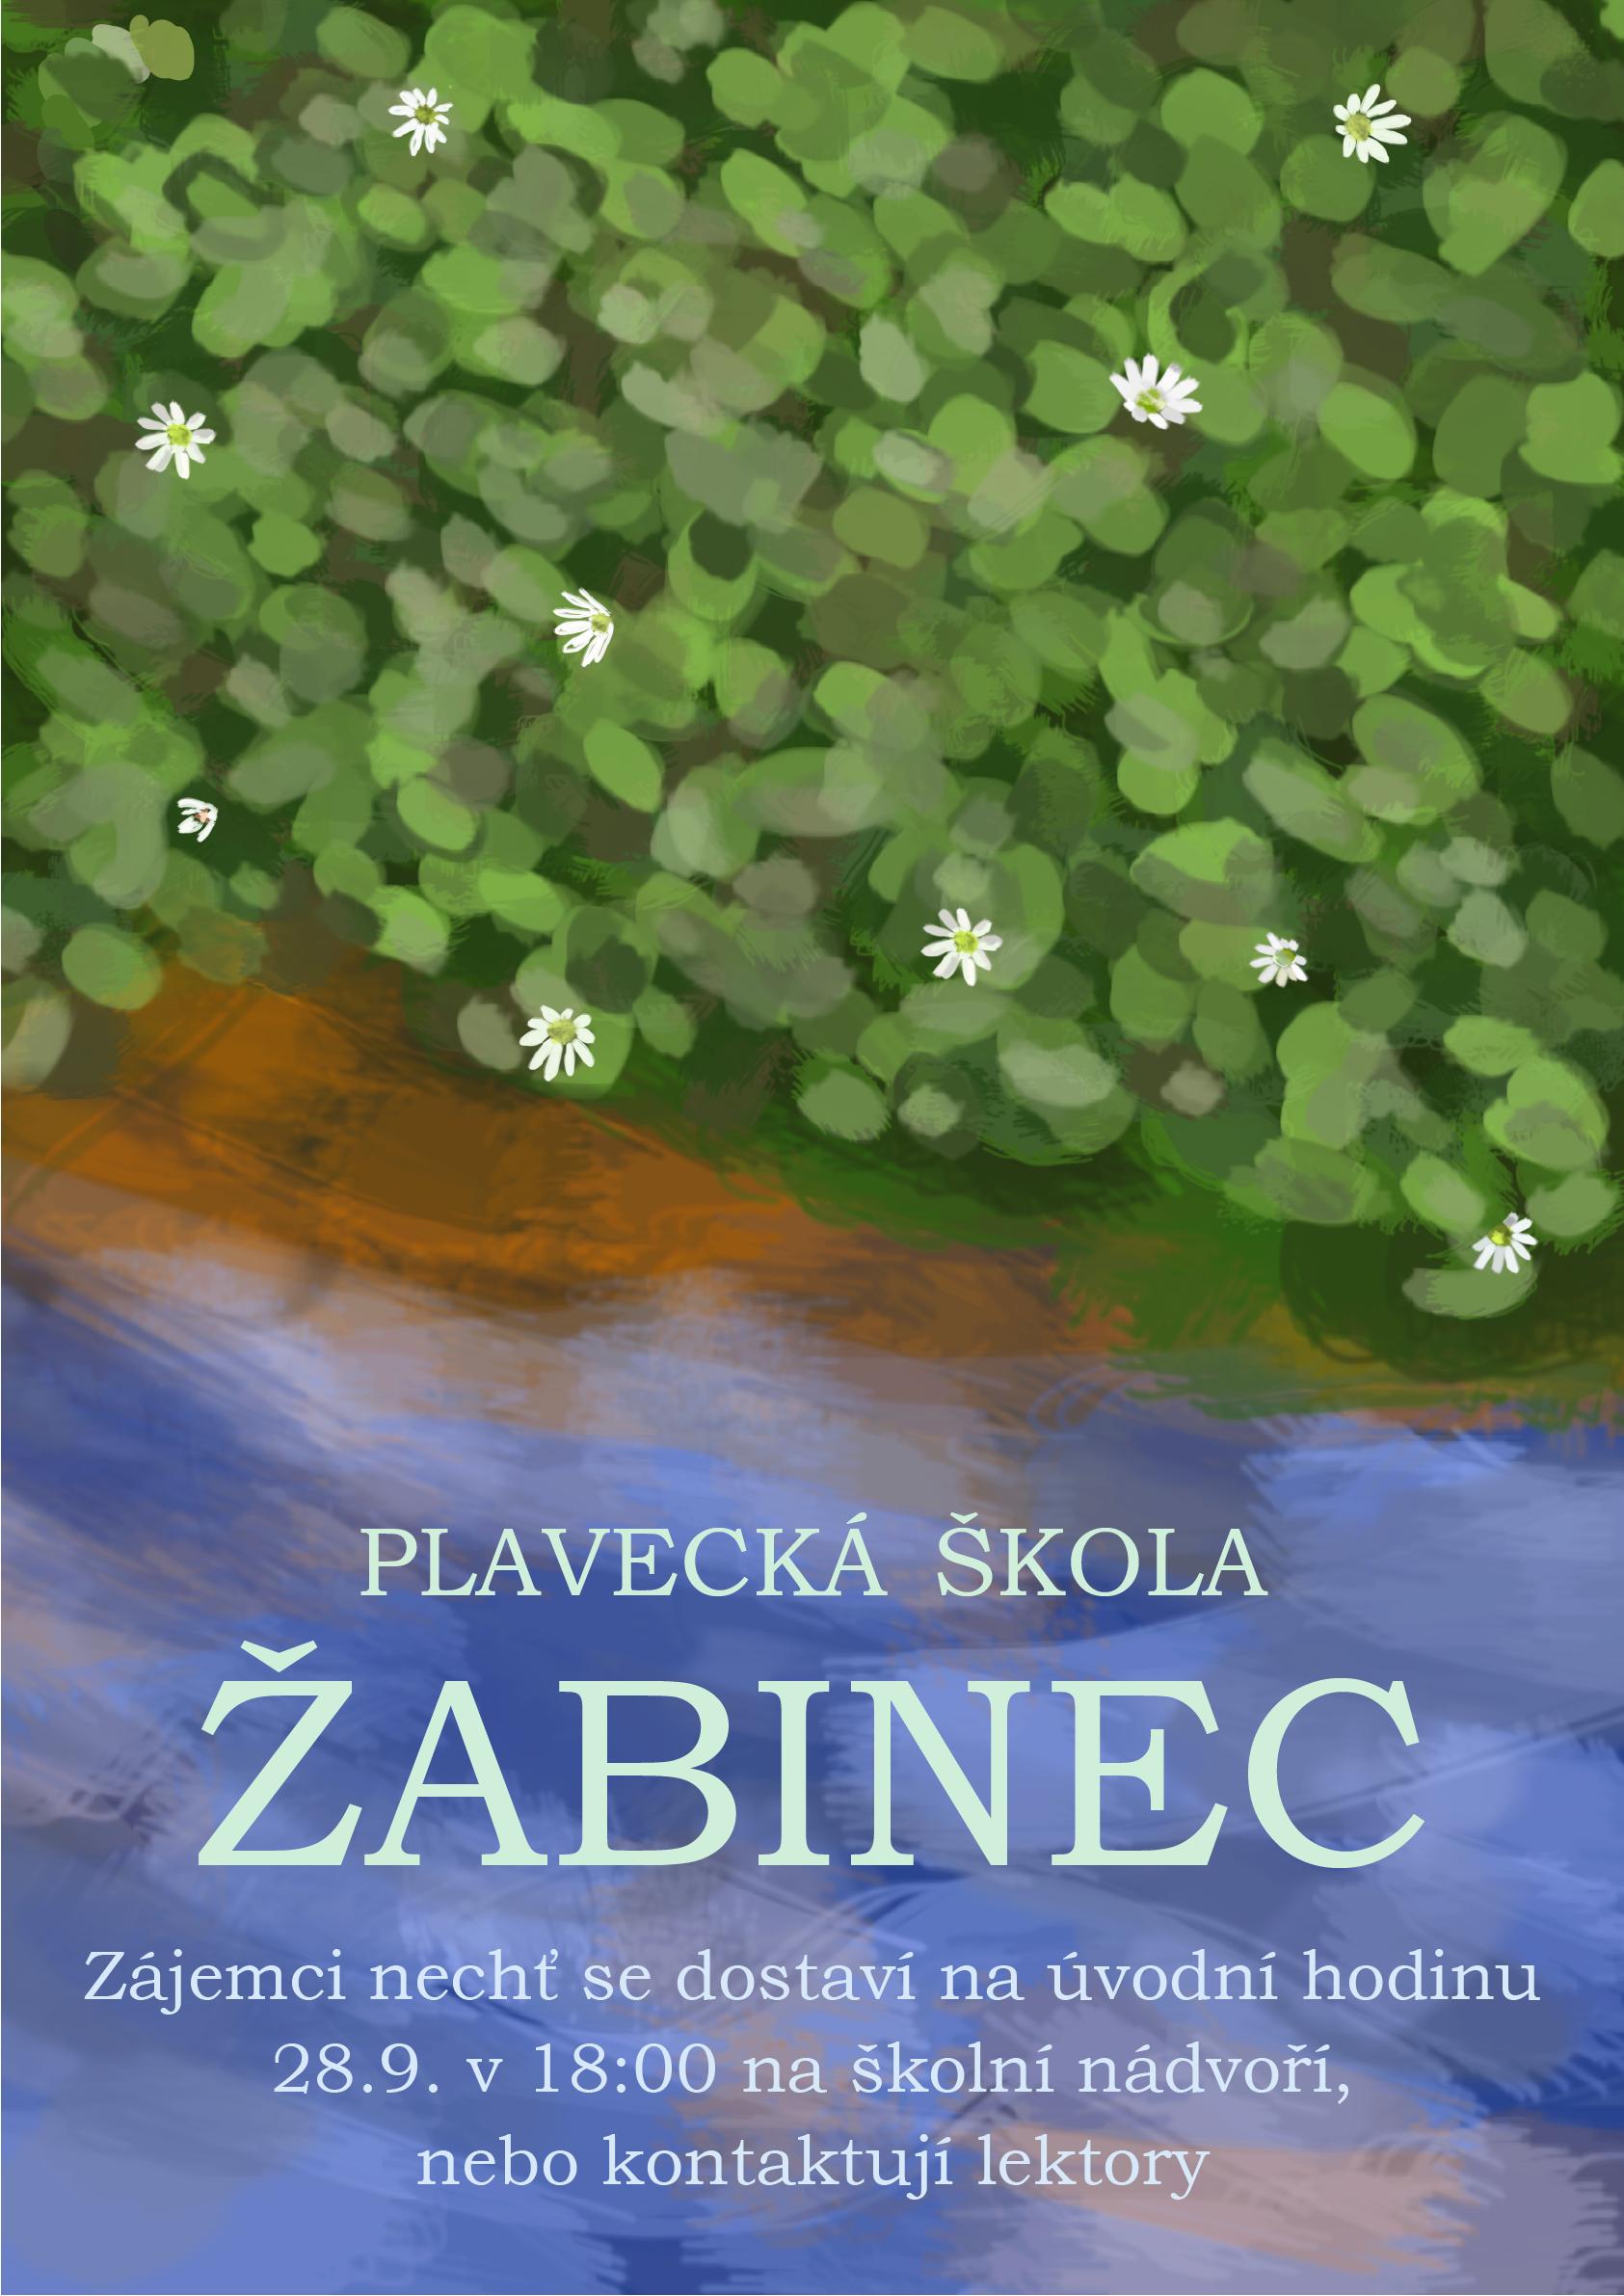 Plavecká škola Žabinec - Zájemci nechť se dostaví na úvodní hodinu 28. 9. v 18:00 na školní nádvoří, nebo kontaktují lektory